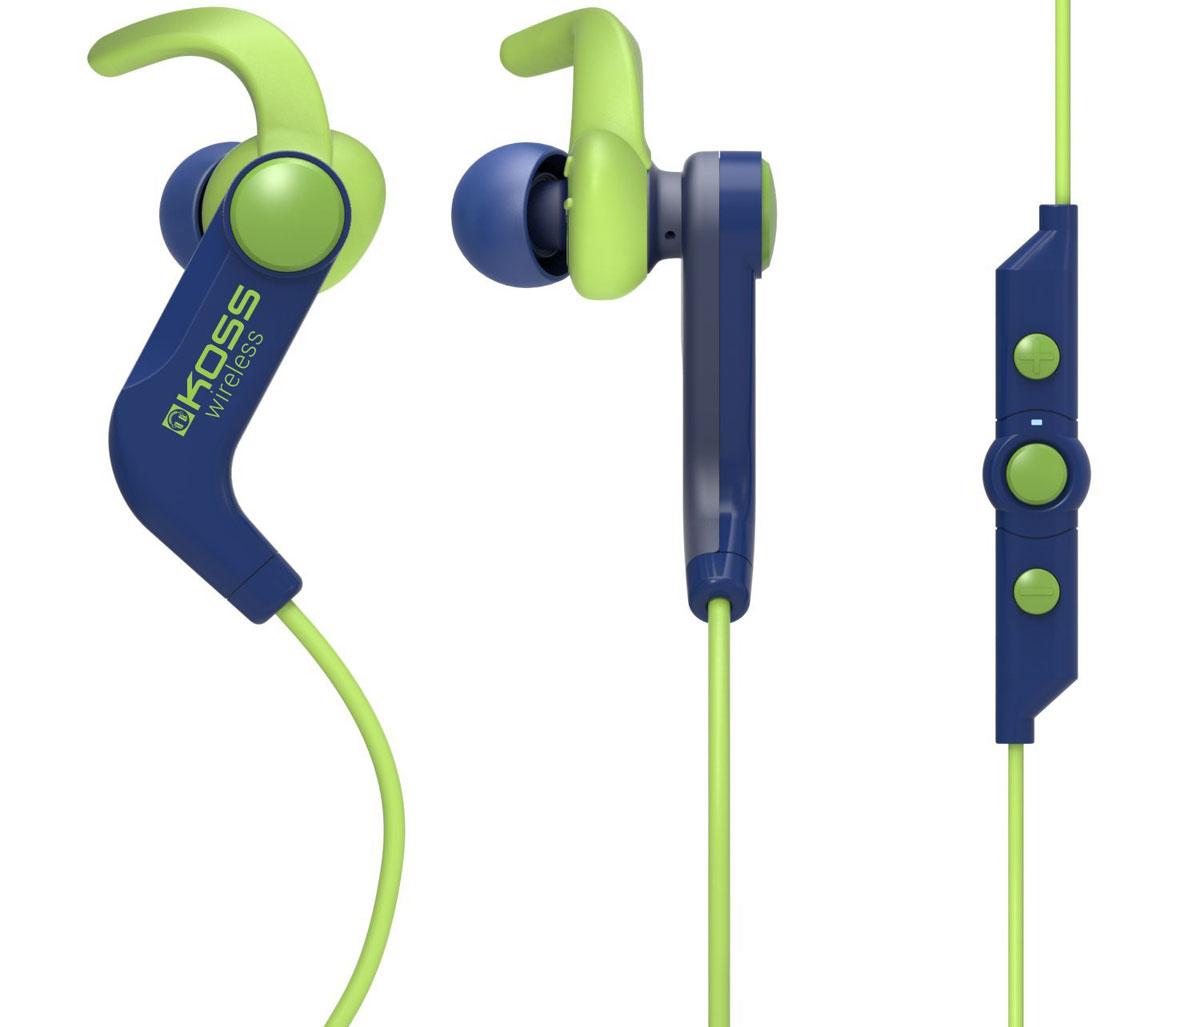 Koss BT190iB, Blue наушники15119063Koss BT190i – это беспроводные спортивные наушники с функцией гарнитуры. Благодаря специальному внутриушному креплению и набору амбушюр разных размеров в комплекте наушники всегда останутся на месте, какой бы активный образ жизни вы ни вели. Пульт управления с микрофоном на кабеле позволит быстро ориентироваться в плейлисте, воспроизводить или приостанавливать музыку, регулировать громкость, а также отвечать на входящие звонки одним касанием. Функция гарнитуры До 4 часов работы при средней громкости До 80 часов в режиме ожидания Встроенный литий-ионный аккумулятор Три пары амбушюр разных размеров в комплекте Влагоустойчивые